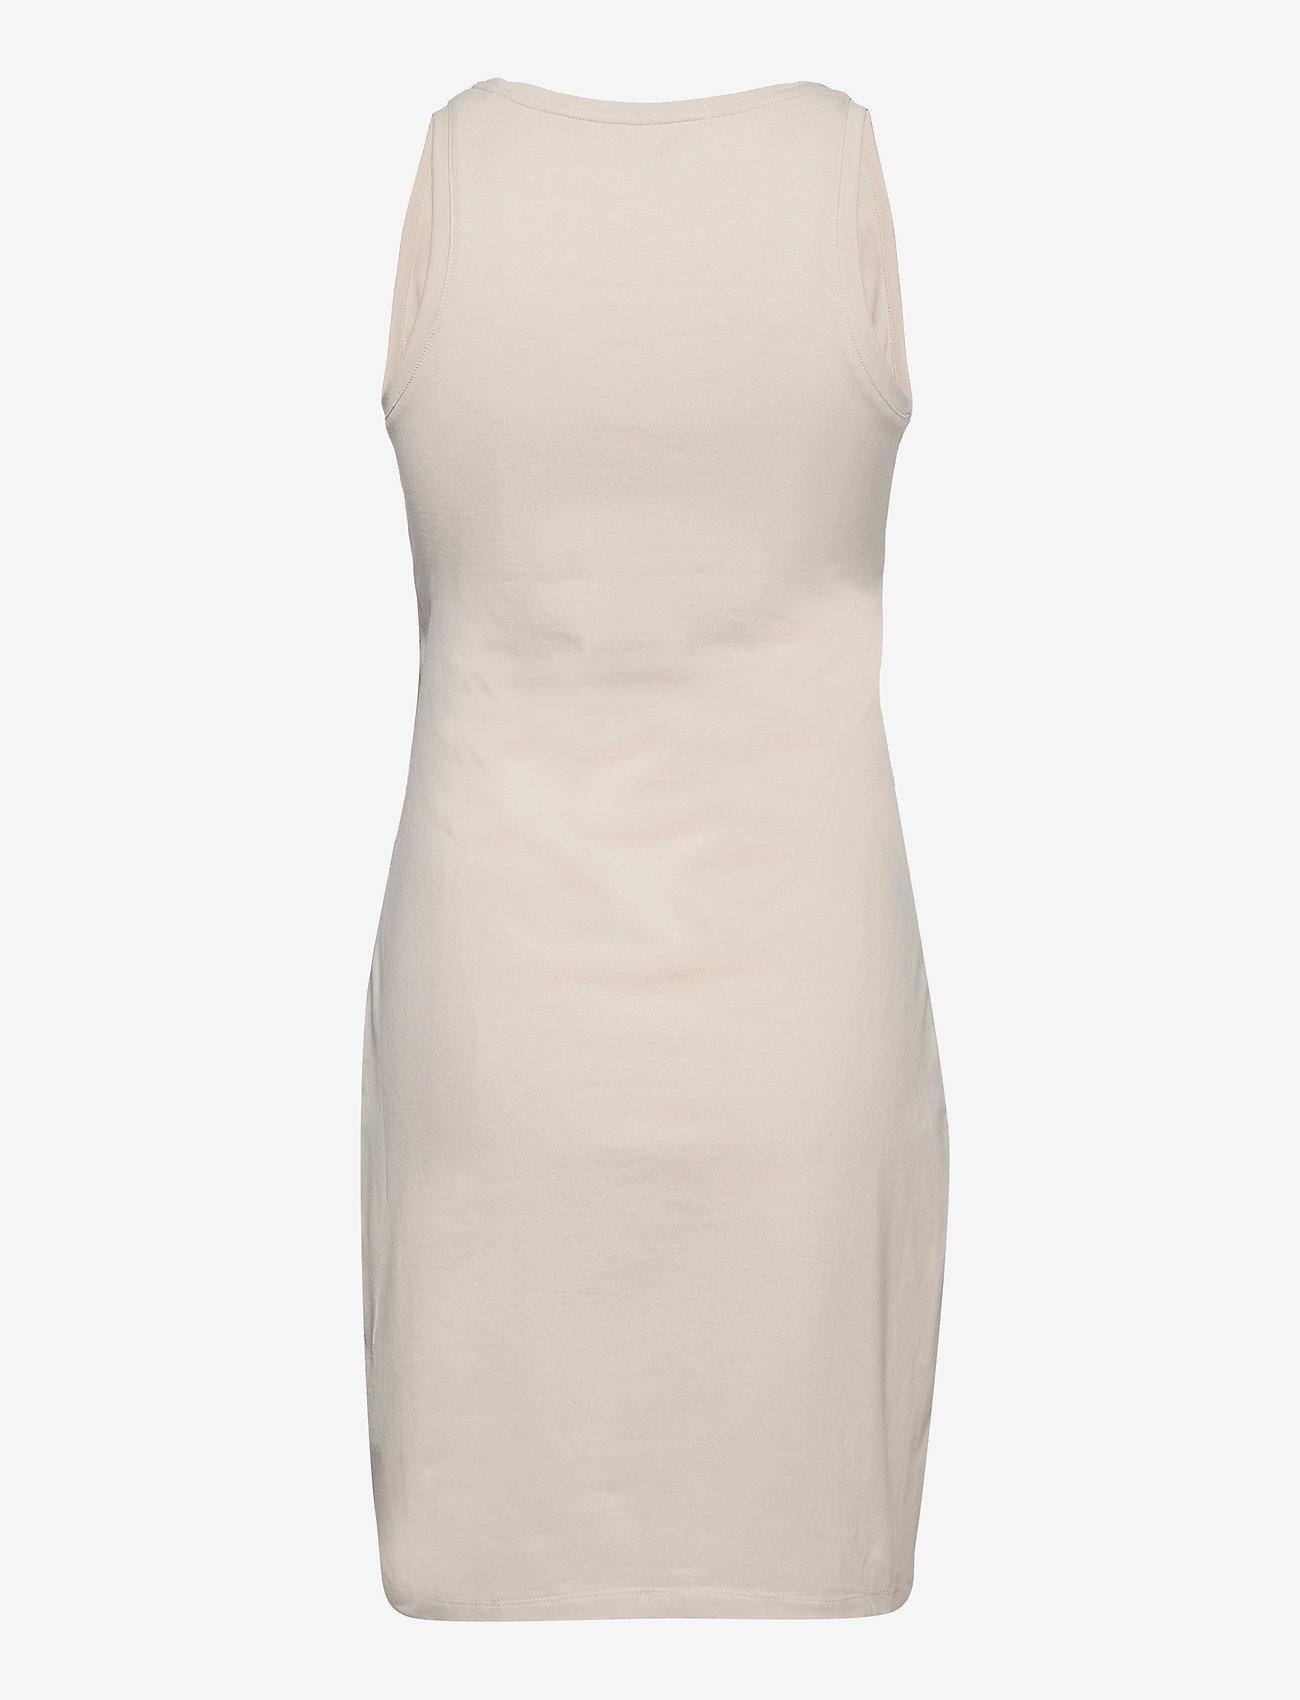 Calvin Klein Jeans - LOGO TRIM RACER BACK DRESS - sommerkjoler - white sand - 1